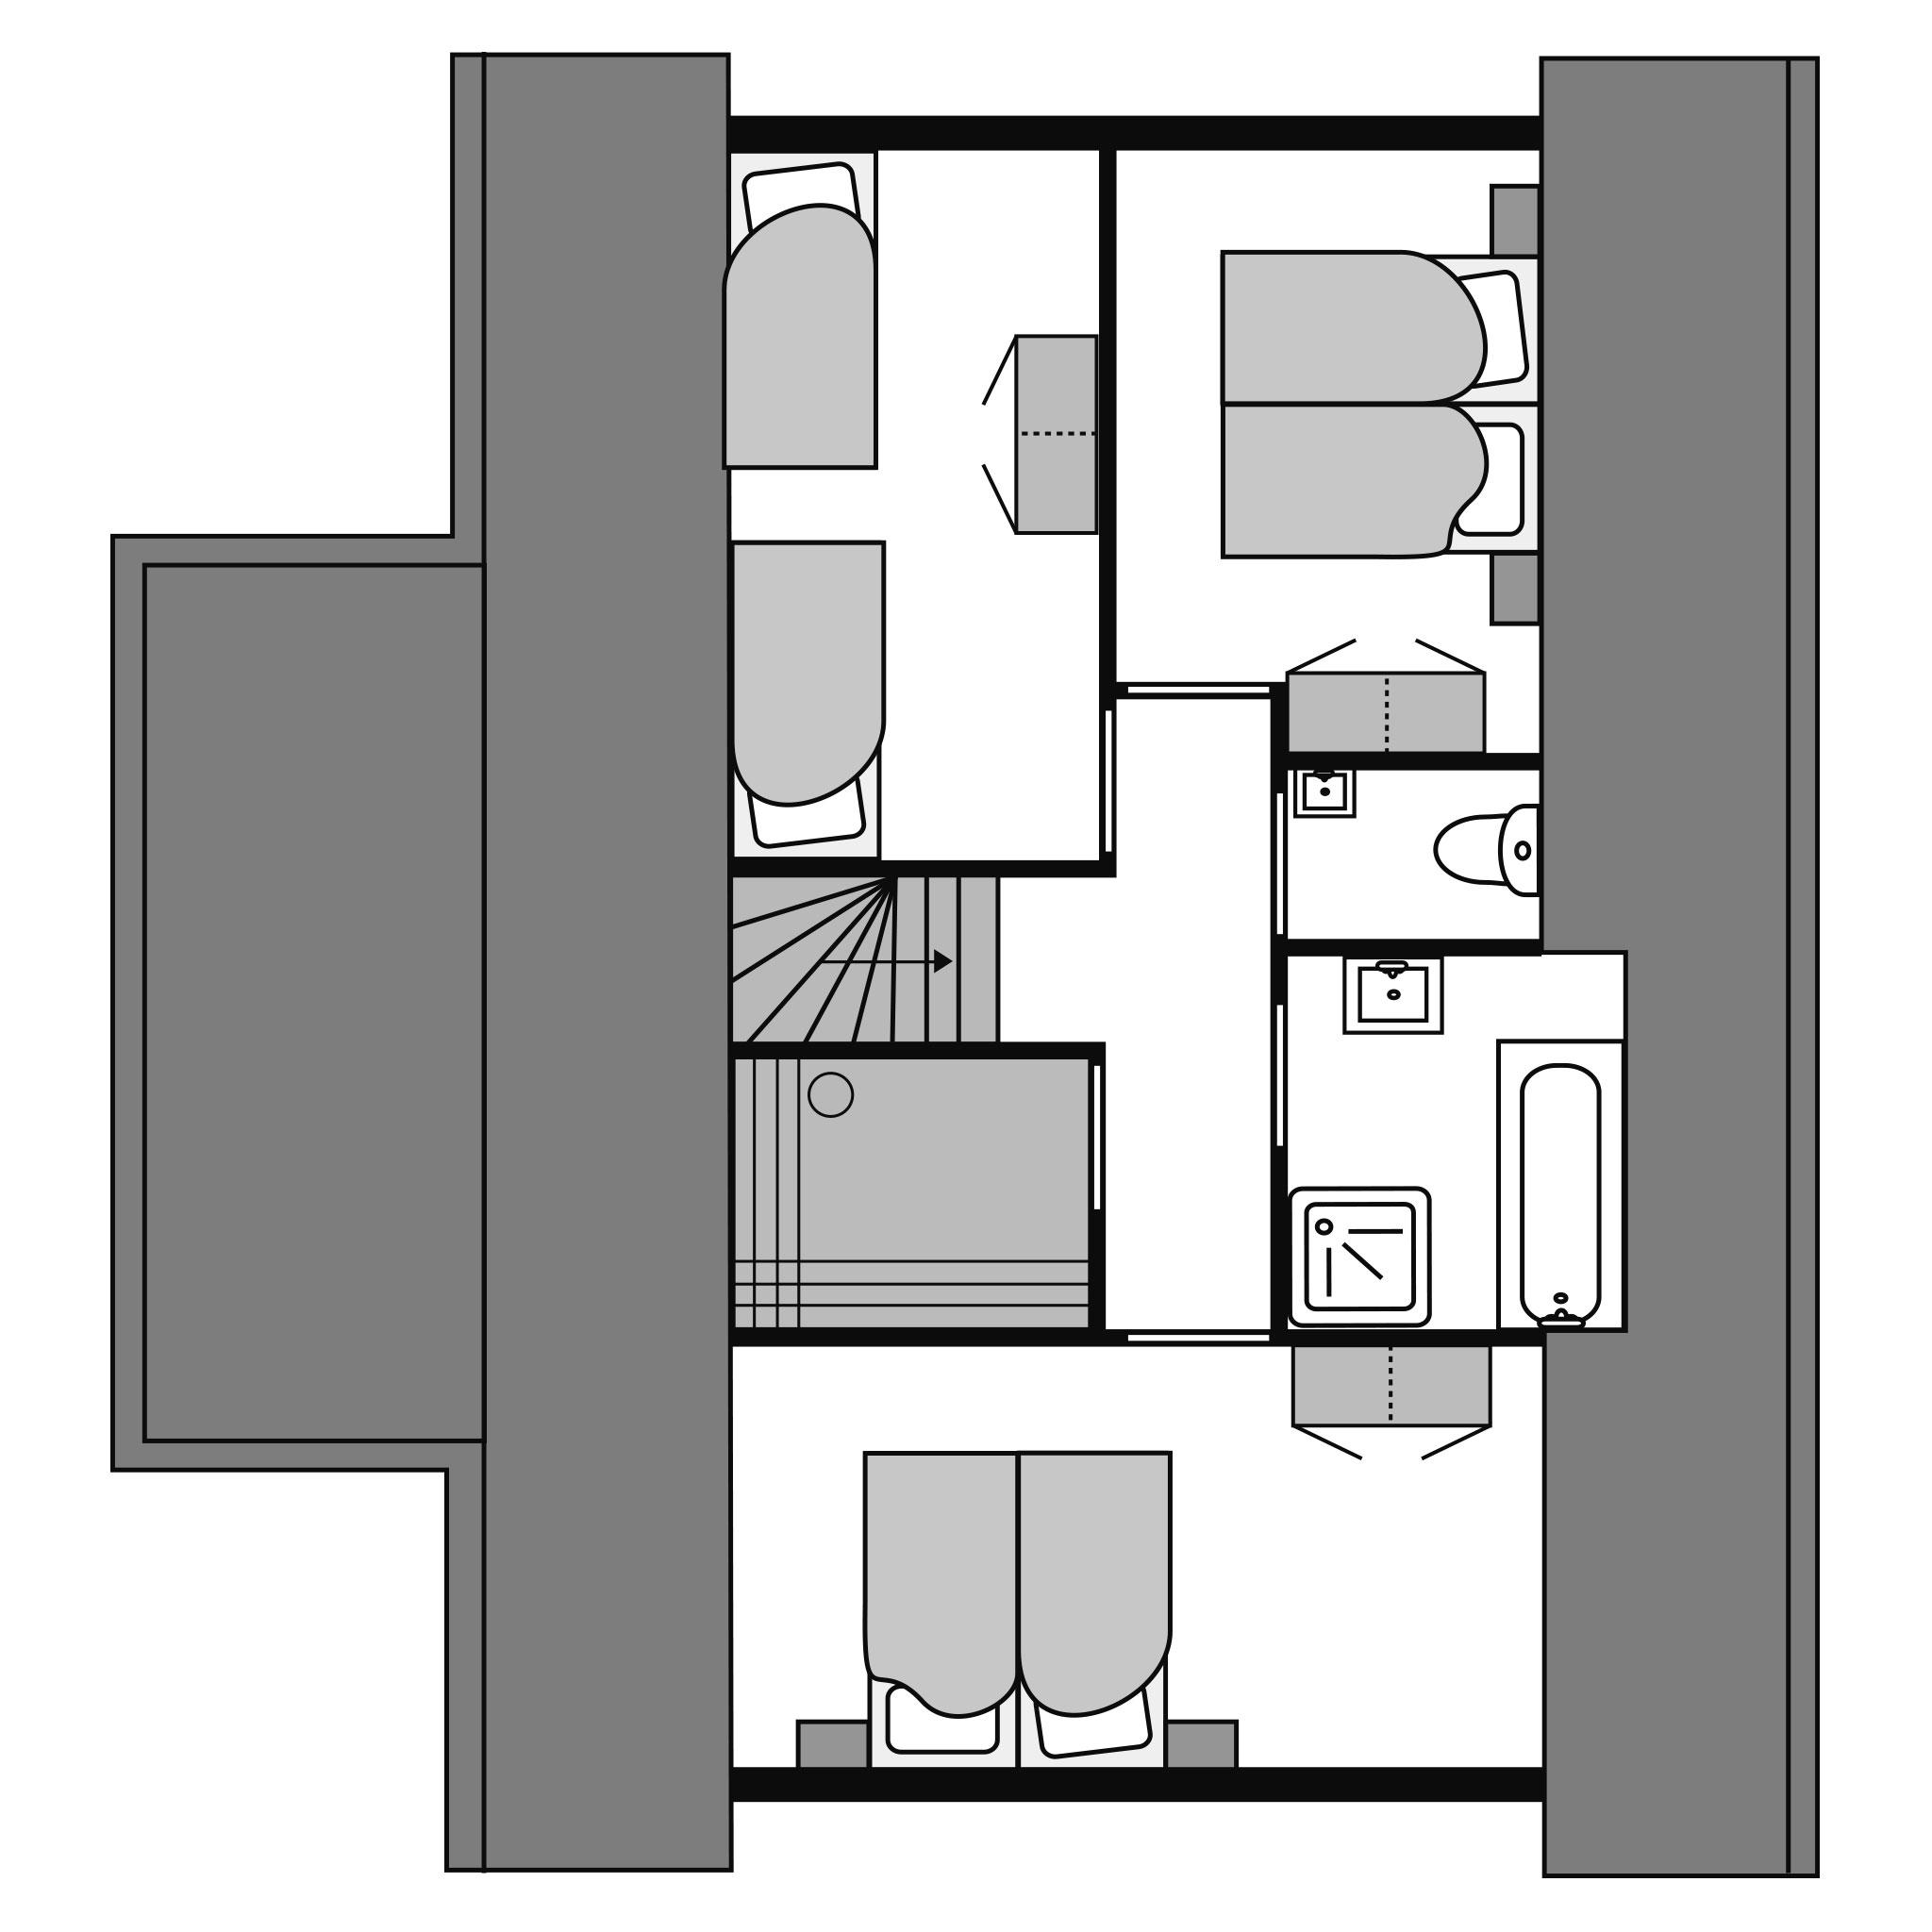 Ferienhaus Luxus 8-Personen-Ferienhaus im Ferienpark Landal De Vers - In waldreicher Umgebung (2669913), Overloon, , Nordbrabant, Niederlande, Bild 28